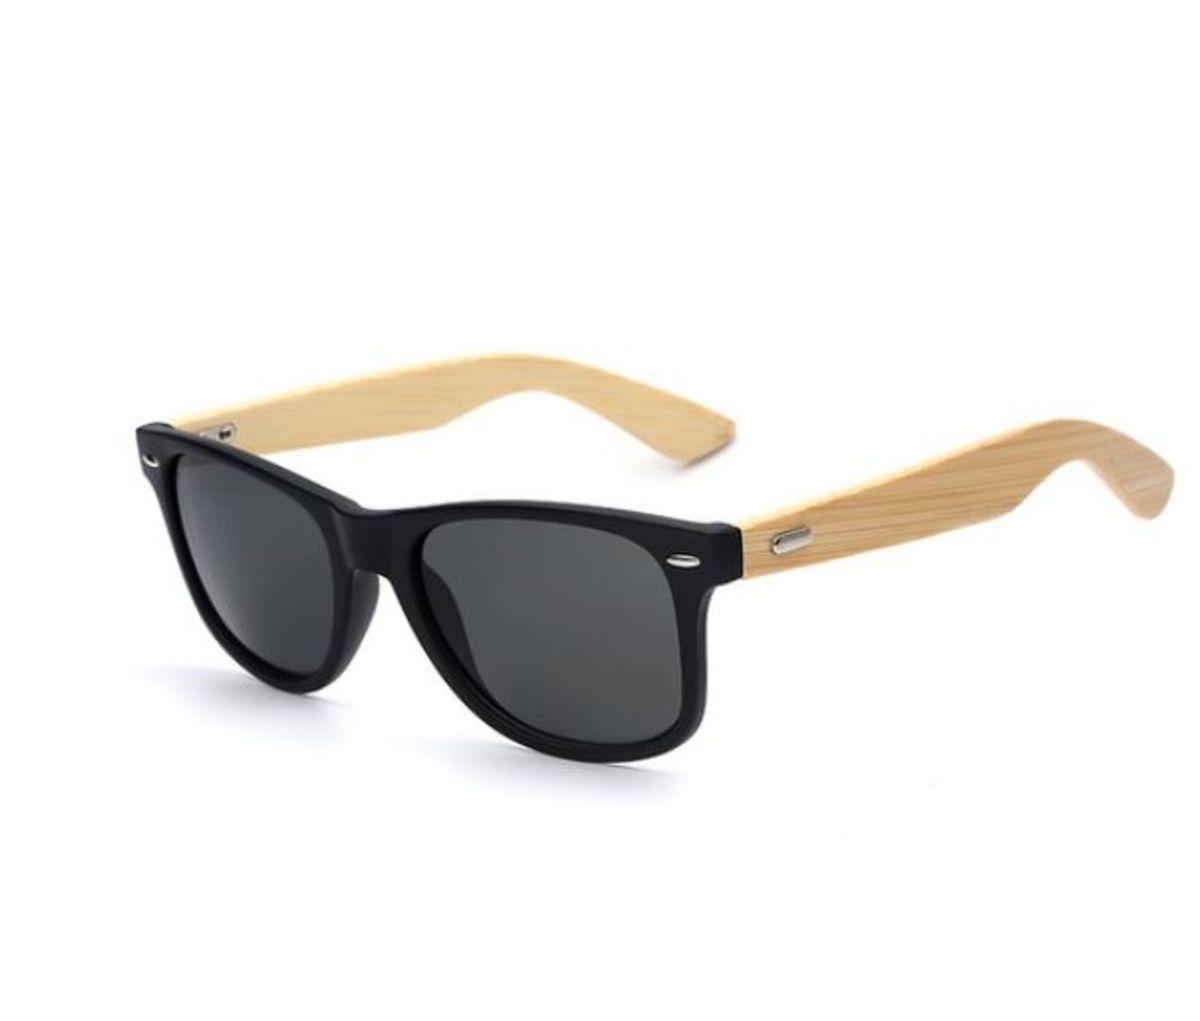 sk8 bamboo - óculos otto store.  Czm6ly9wag90b3muzw5qb2vplmnvbs5ici9wcm9kdwn0cy82odm5otkvotmwzjhlm2e1ode5nzg2y2jhoduznju5mjqxztu0oduuanbn  ... 26fcc504d3